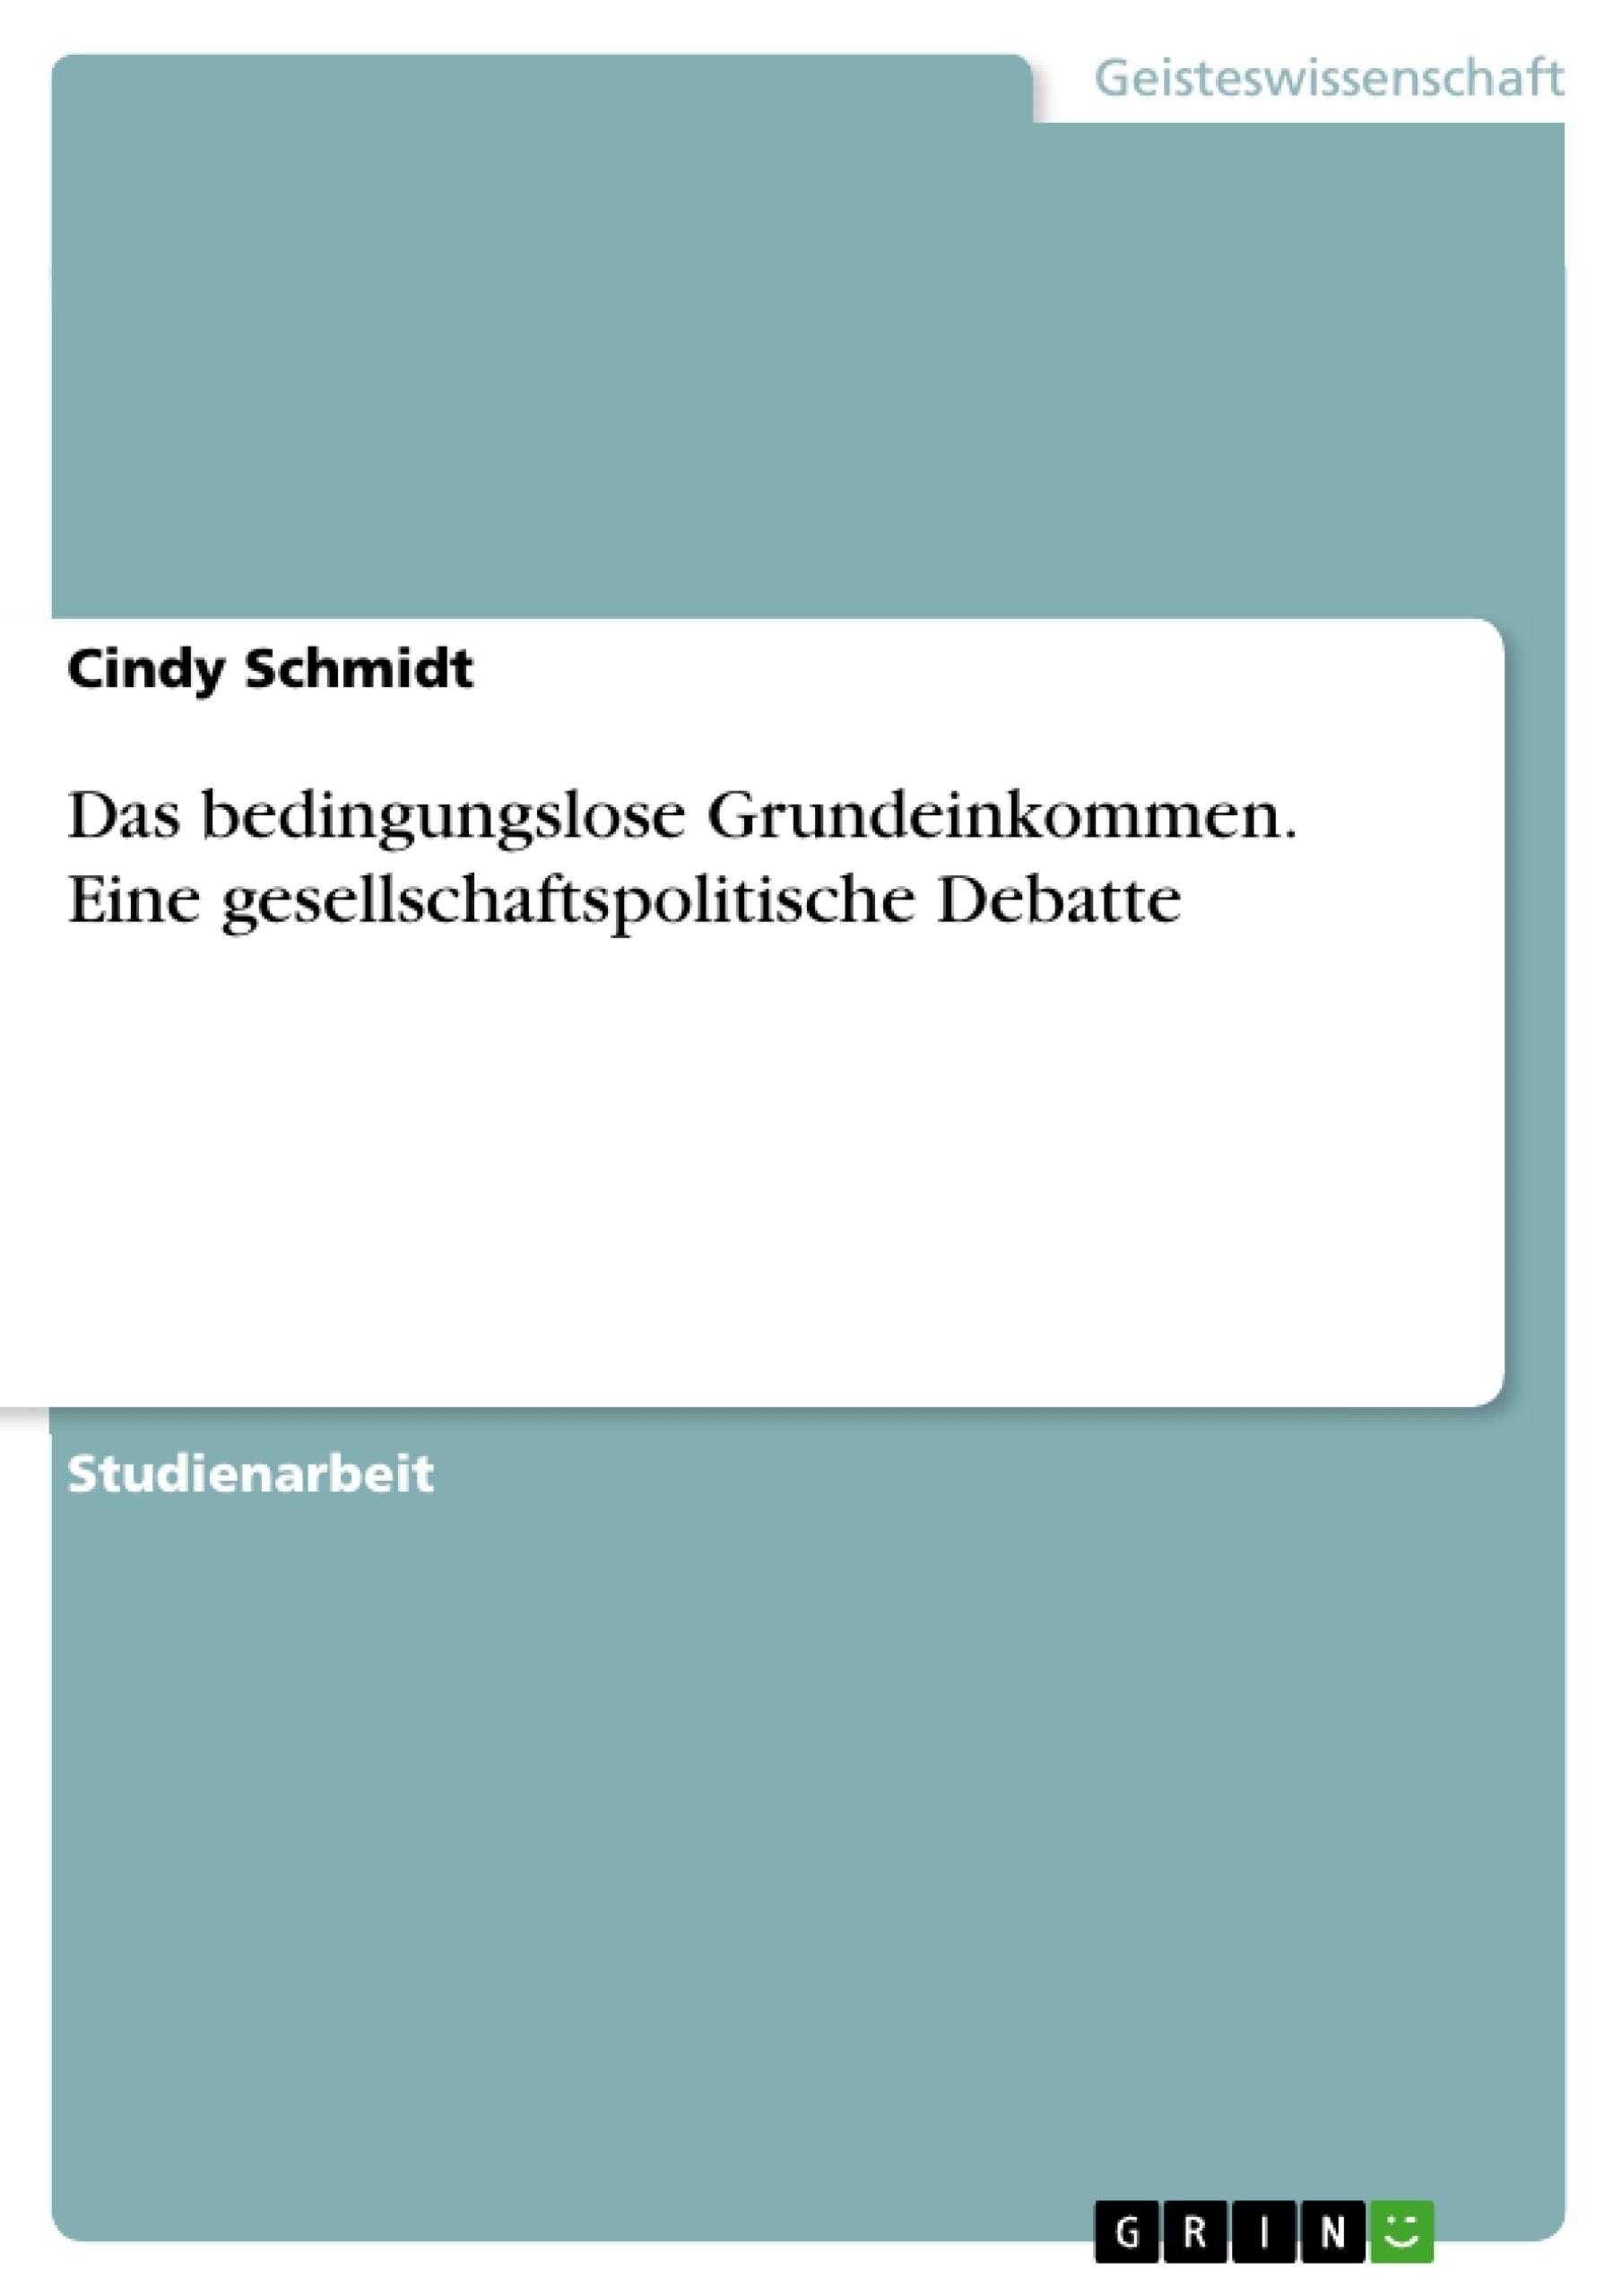 Fantastisch Beispiel Für Beschaffungsmanager Fortsetzen Galerie ...